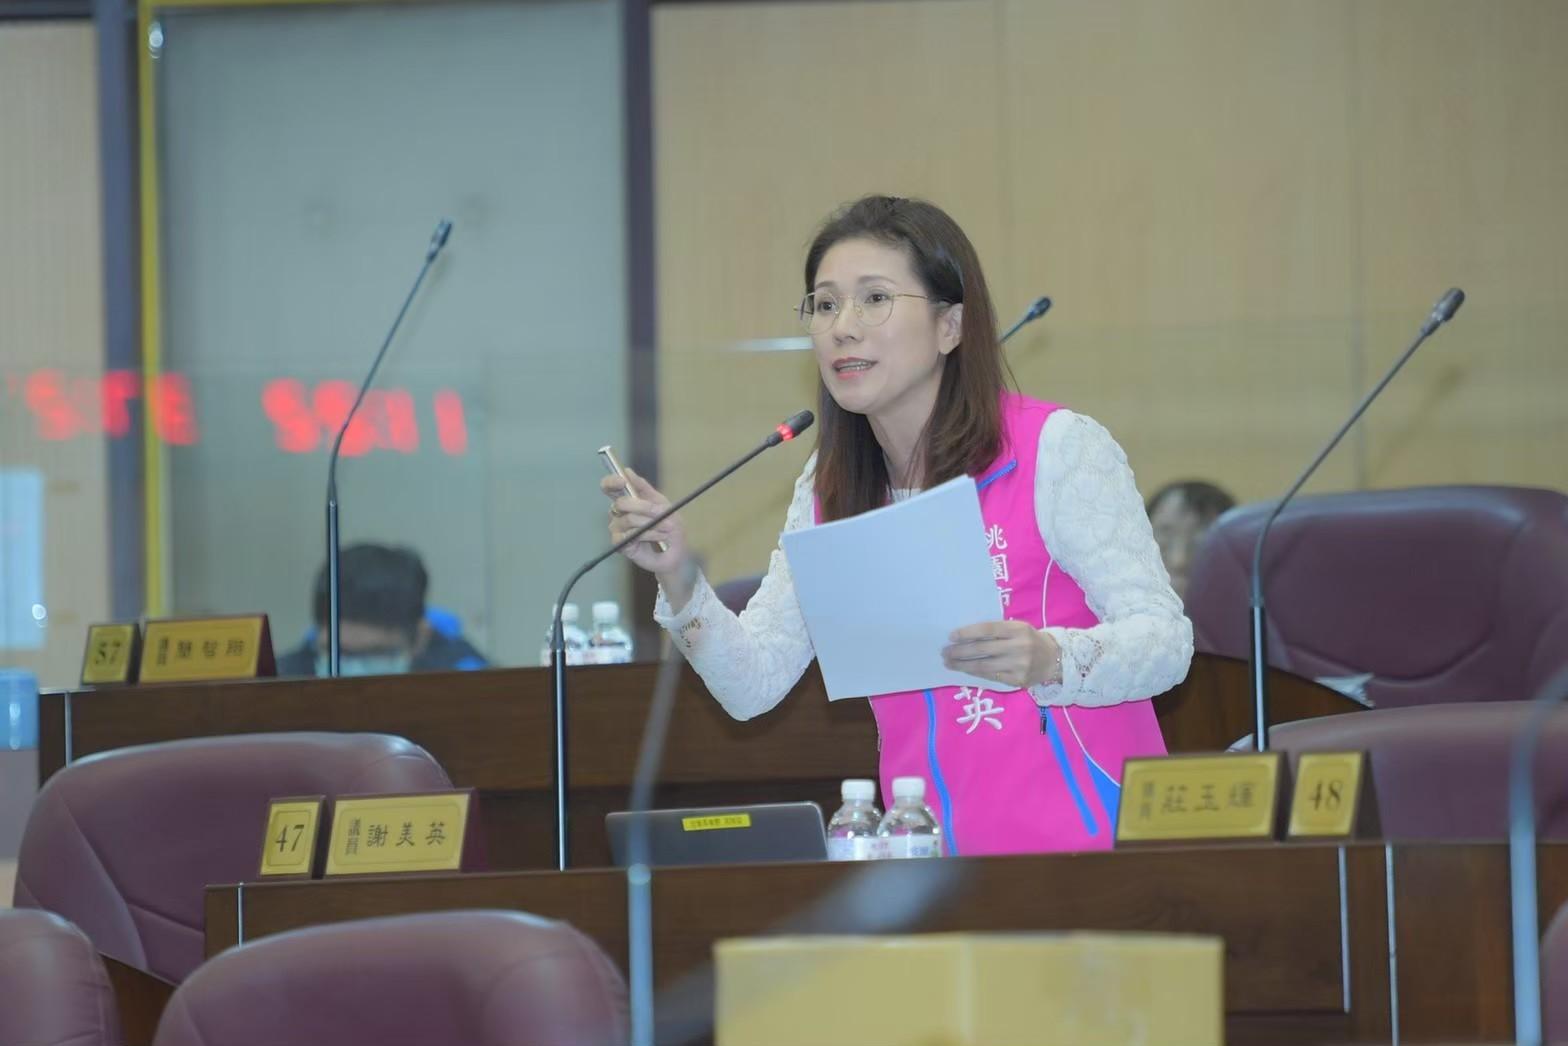 桃園市議員謝美英就職周年感想